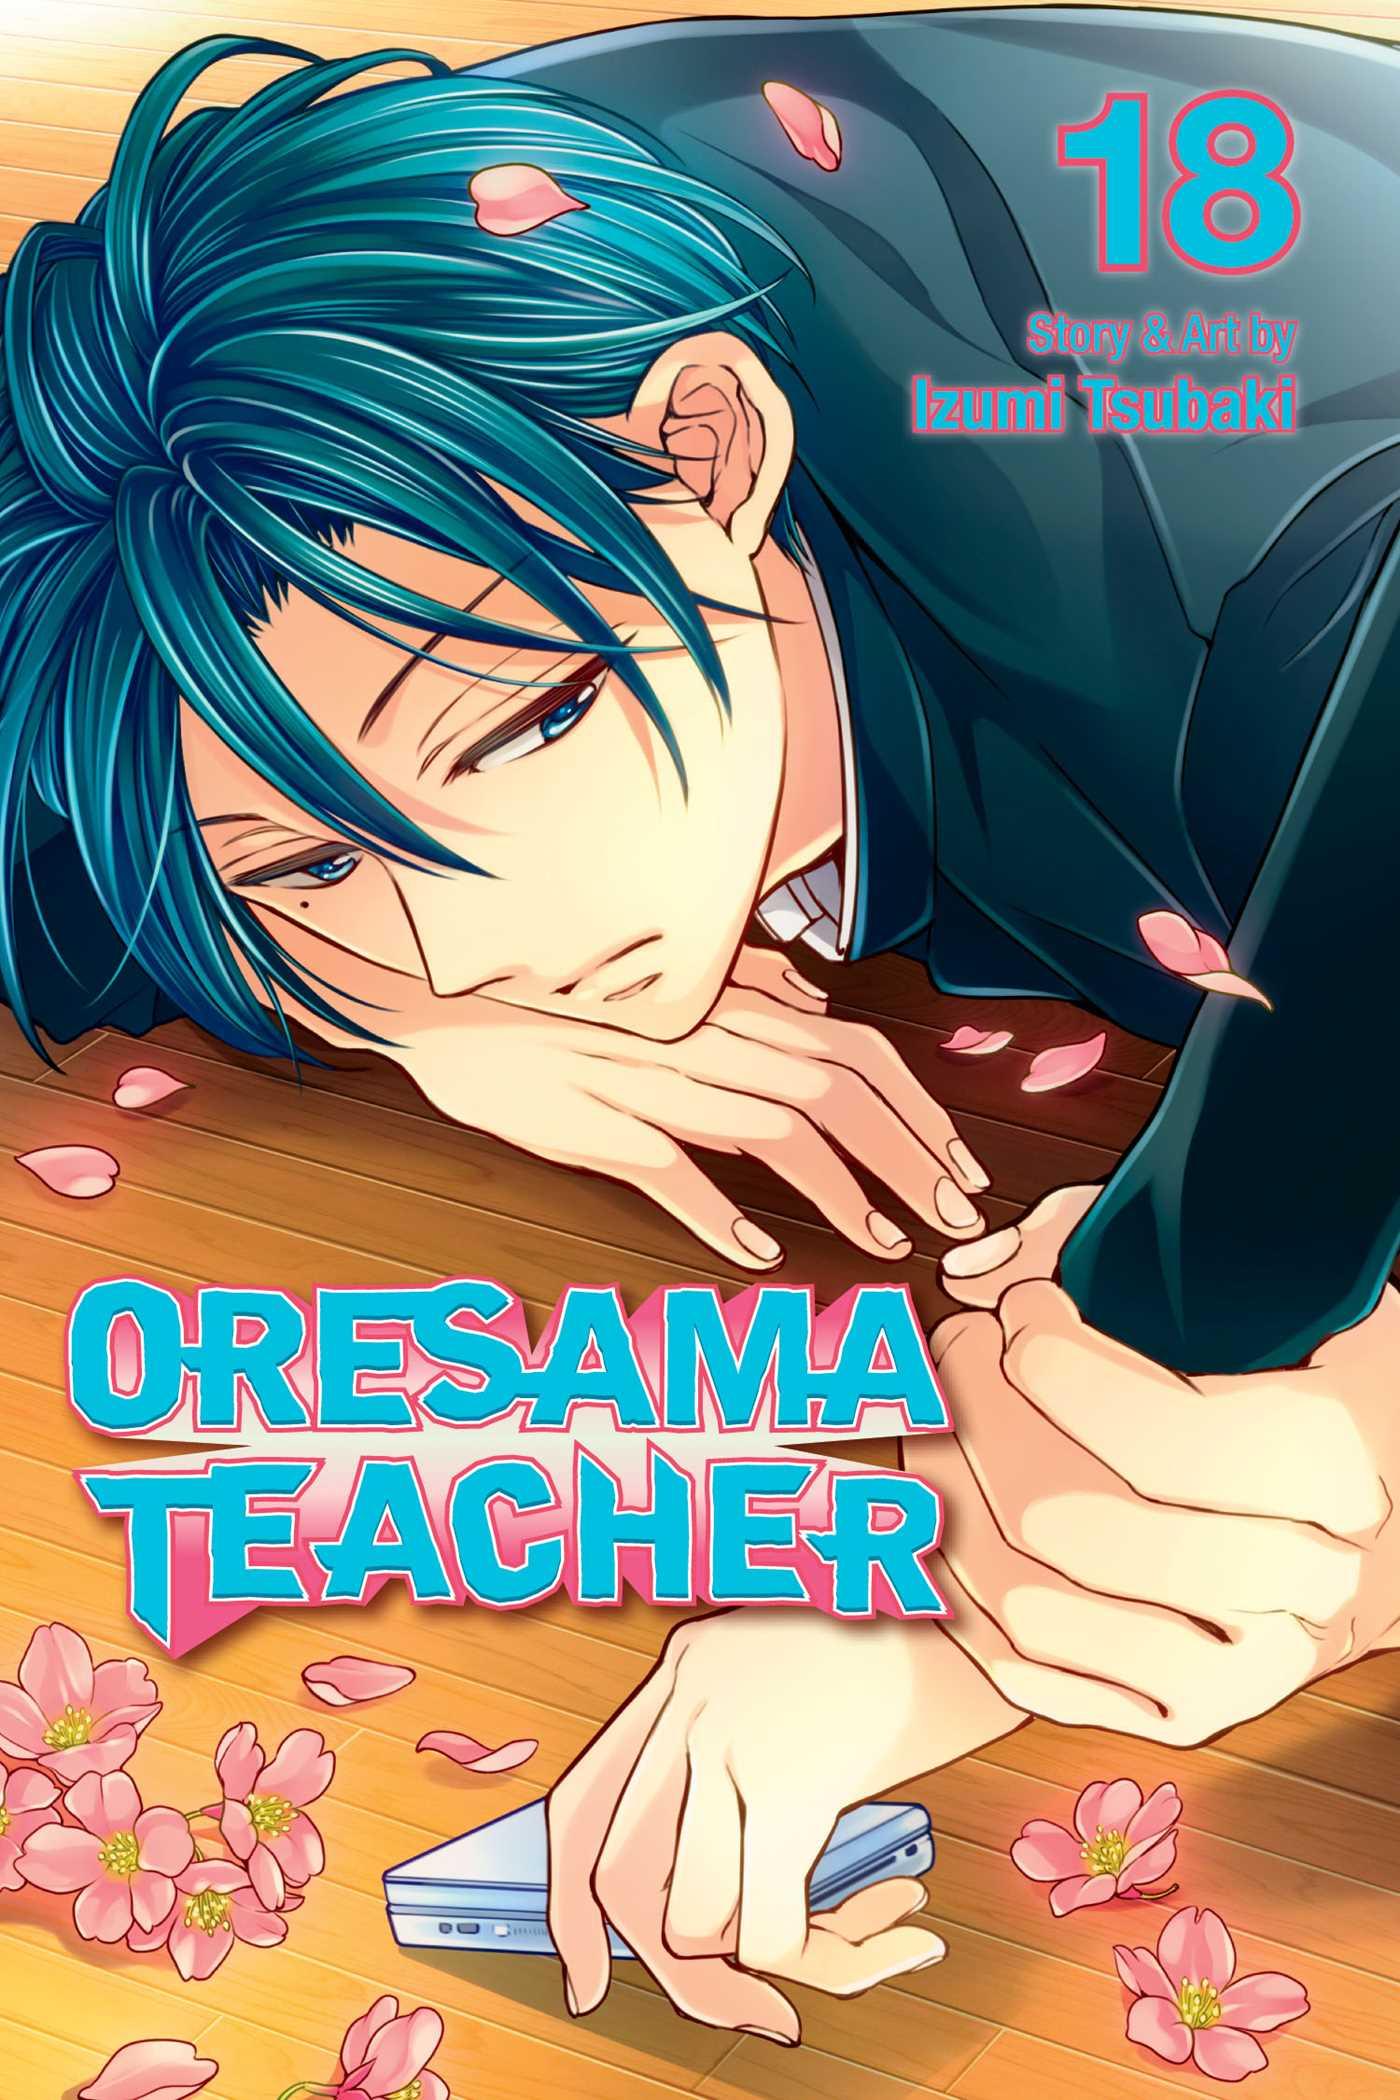 Oresama teacher vol 18 9781421577739 hr